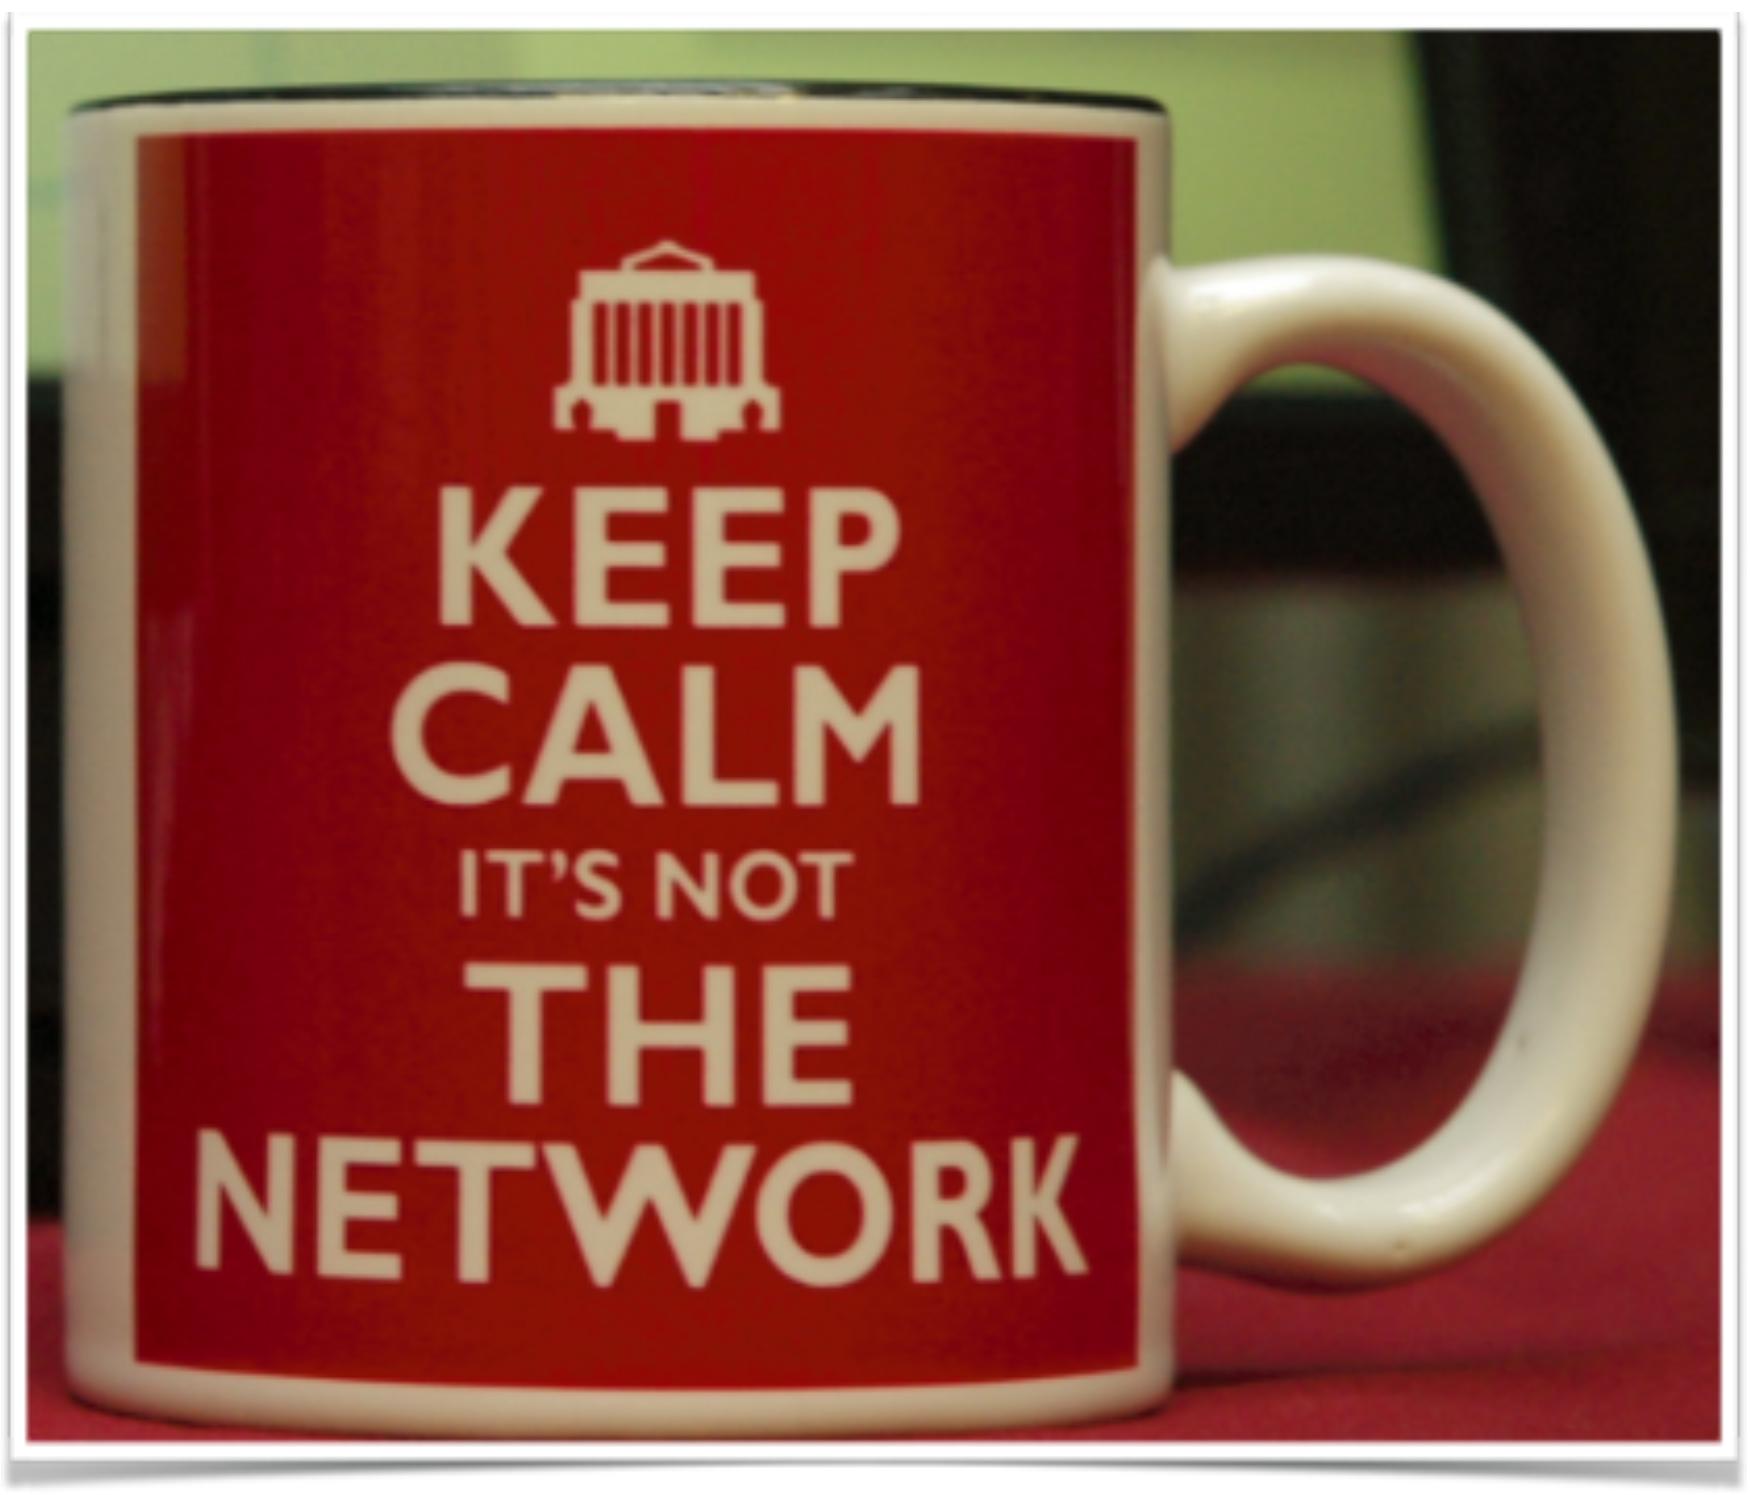 Une tasse de café qui lit garder son calme ce n'est pas le réseau.